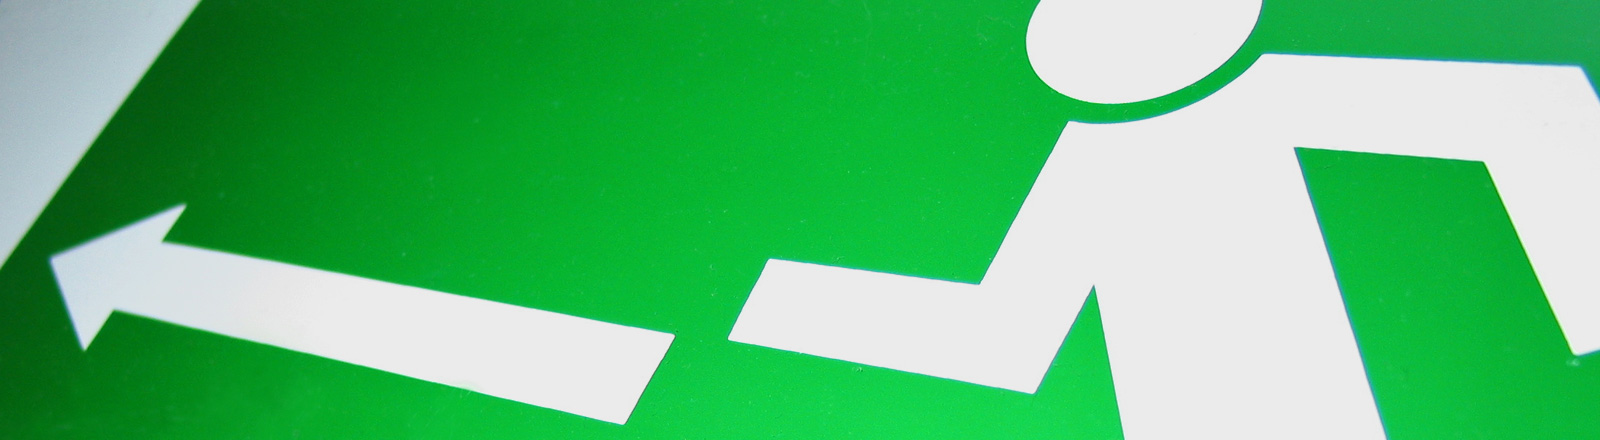 Auf grünem Grund ist ein weißes Männchen, das einen Notausgang symbolisiert.